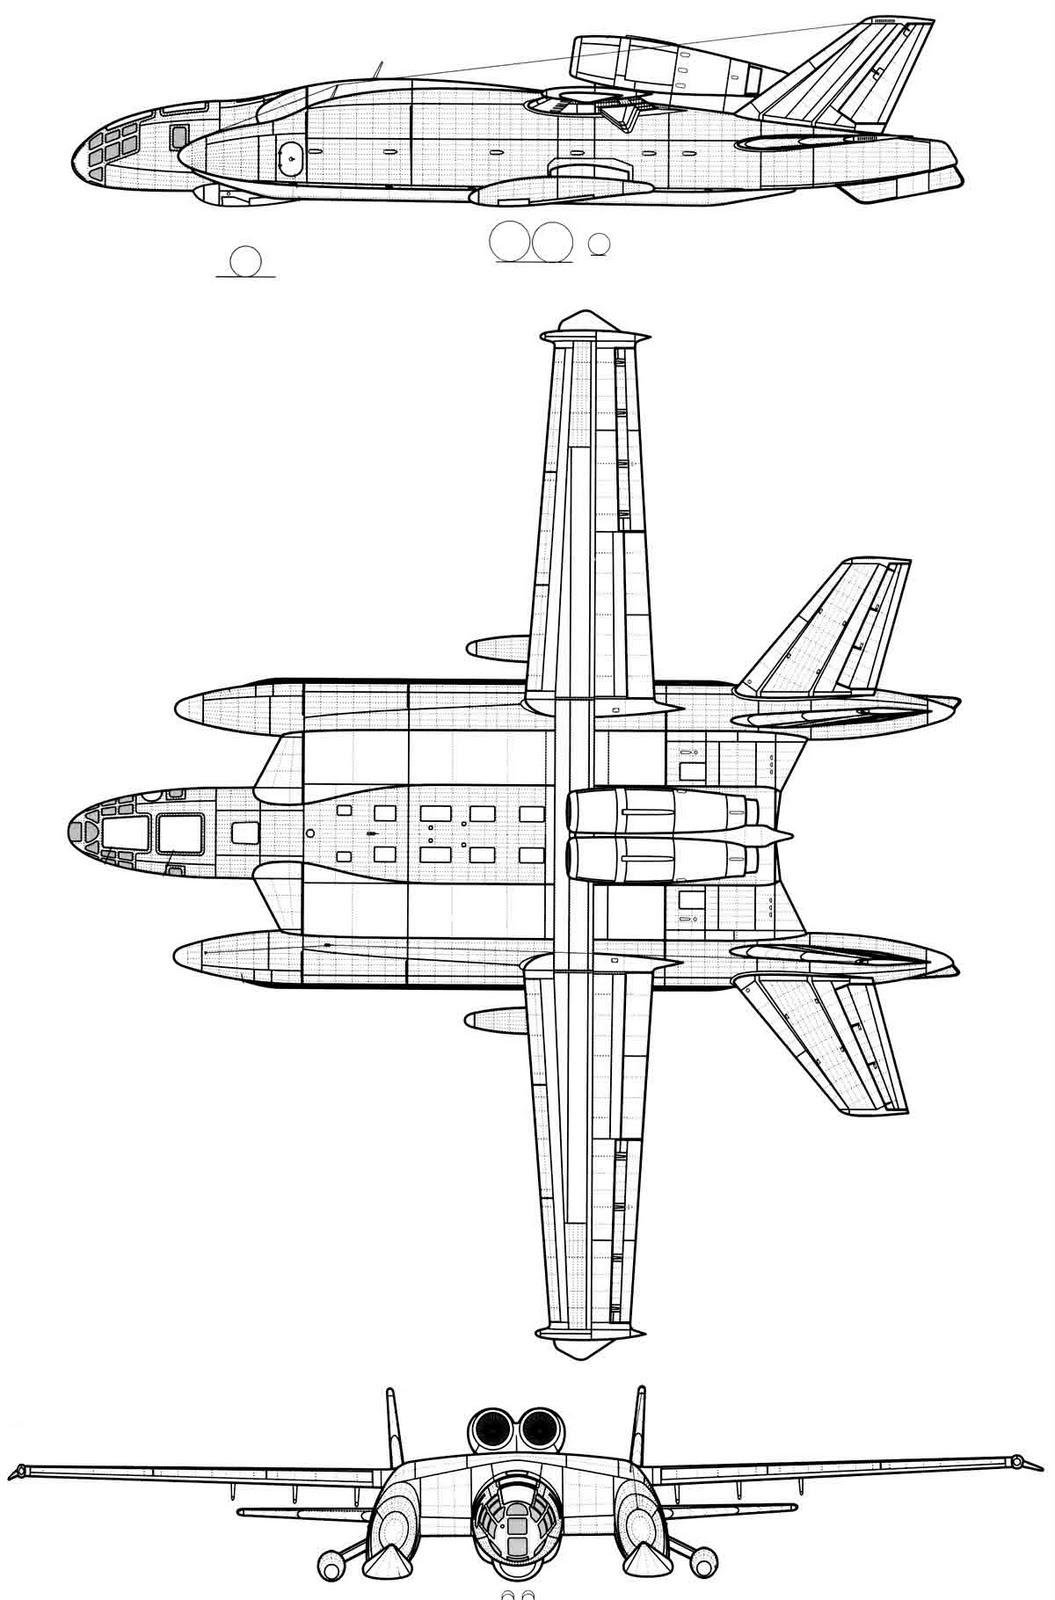 berievVVA14-3v.jpg